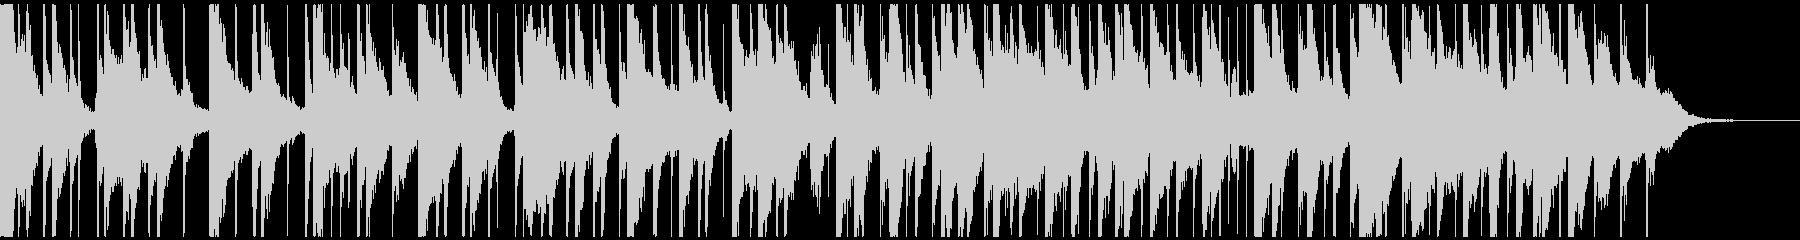 ピアノと三味線の日常的なBGMの未再生の波形